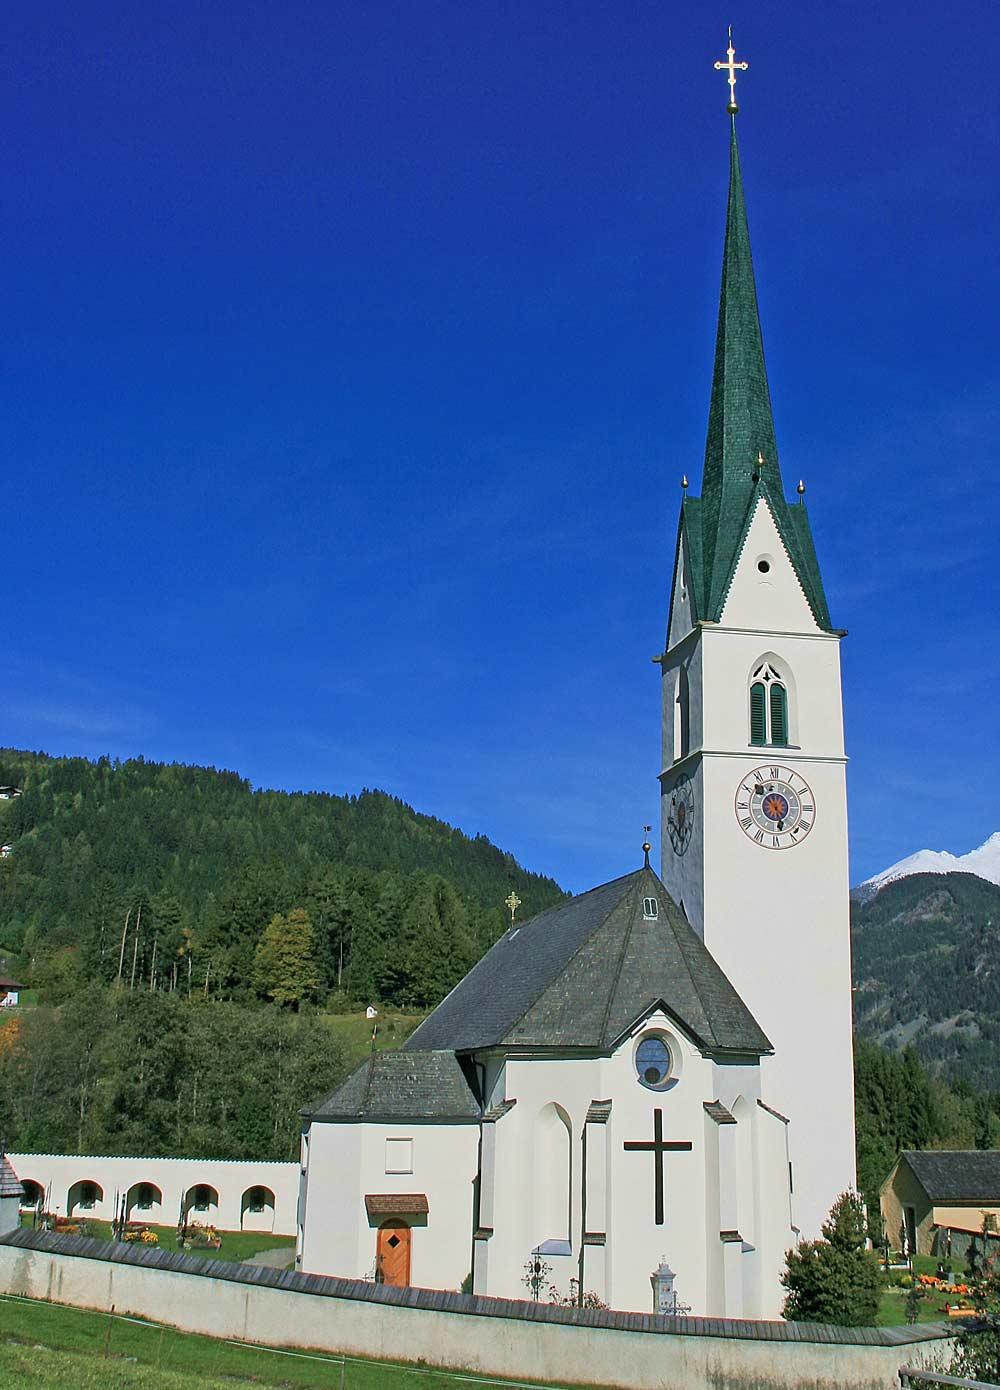 Blick auf die katholische Pfarrkirche Hl. Paulus in Schlaiten